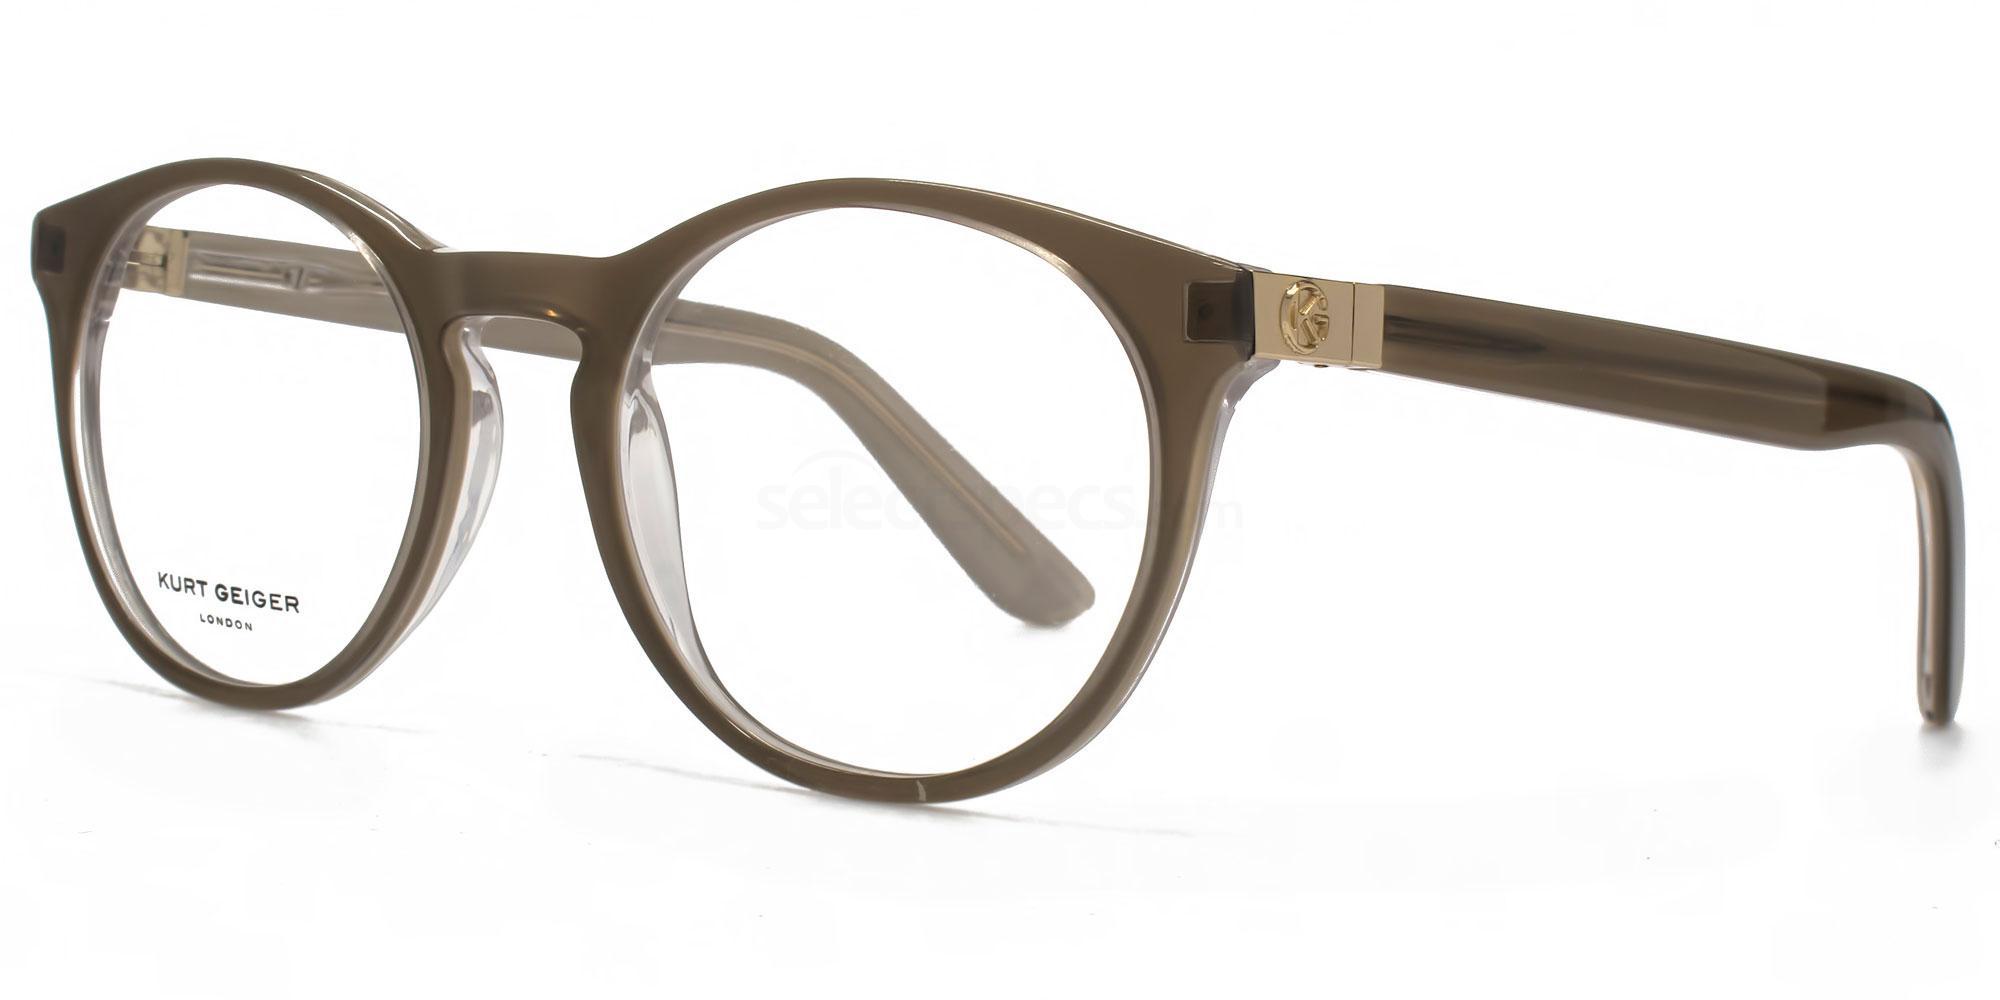 GRY KGS005 - IMOGEN Glasses, Kurt Geiger London